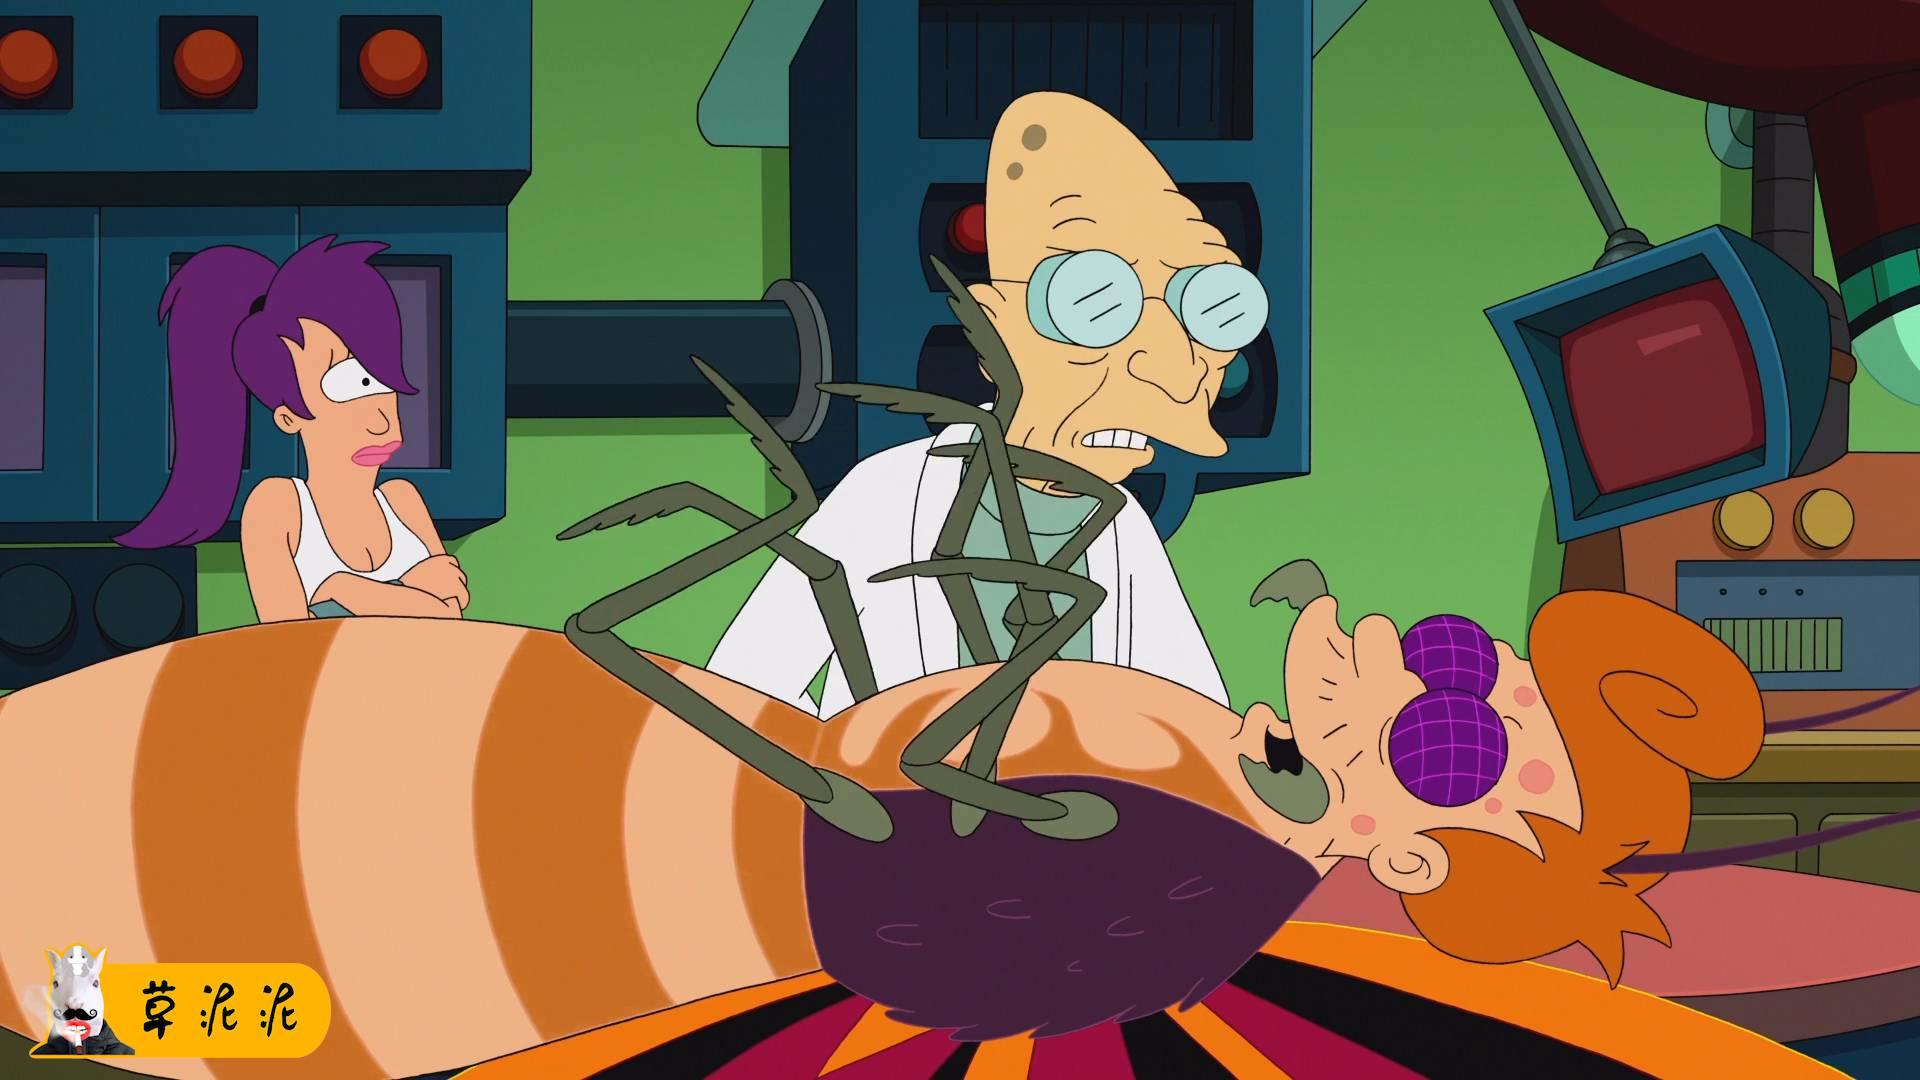 一滩神秘的蝶王液体,令弗莱变异成了蝴蝶人!《飞出个未来四6》